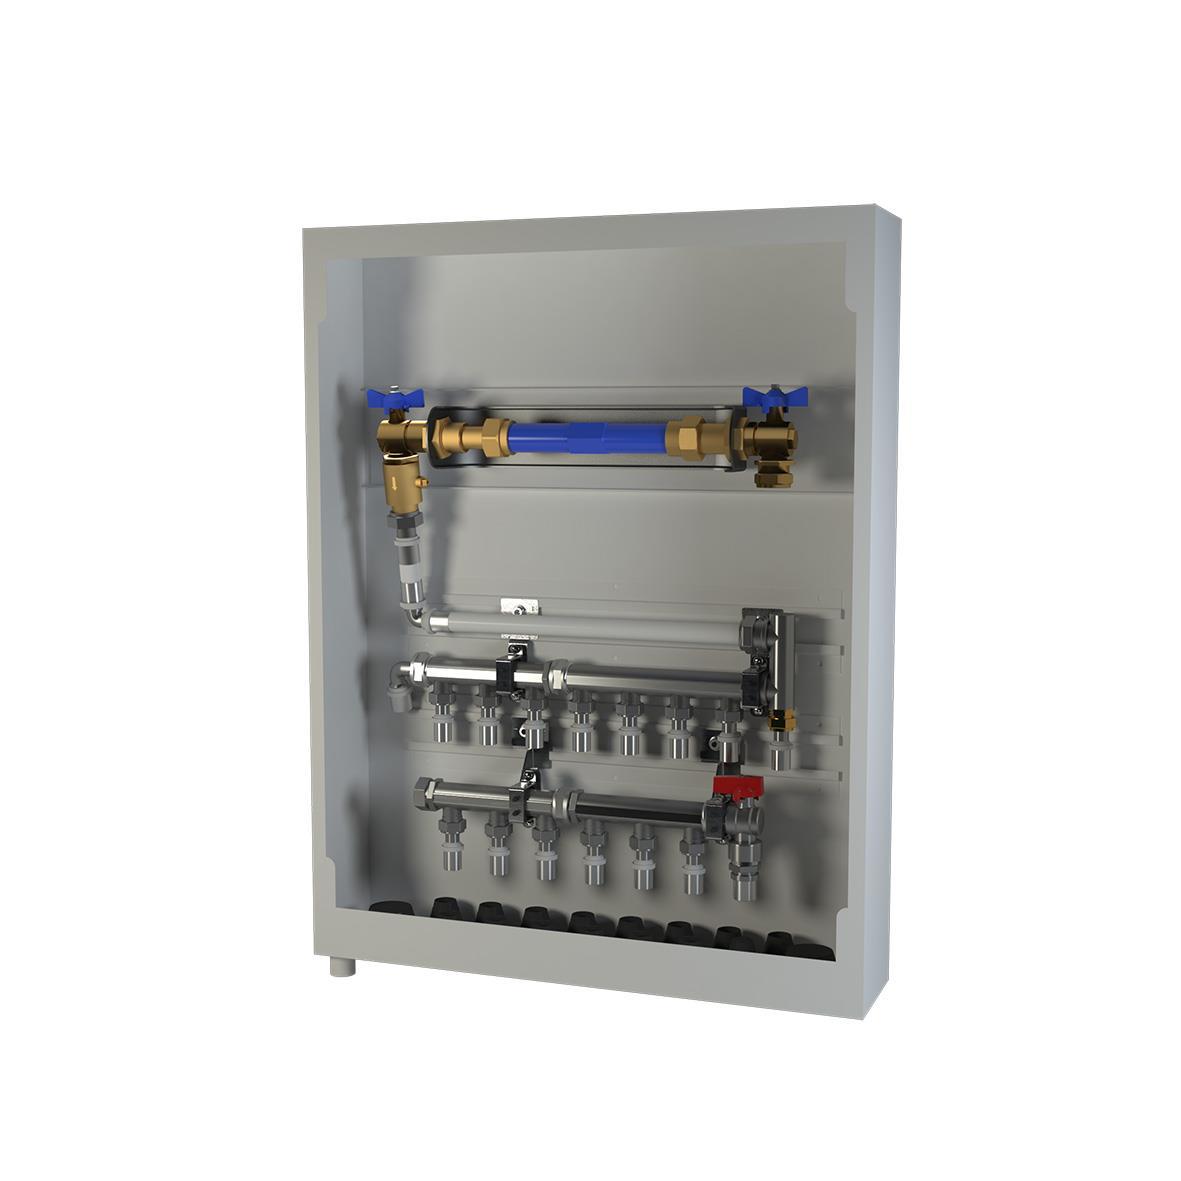 LK Systems 1882305 Vattenmätarskåp 550 x 550 mm Höger